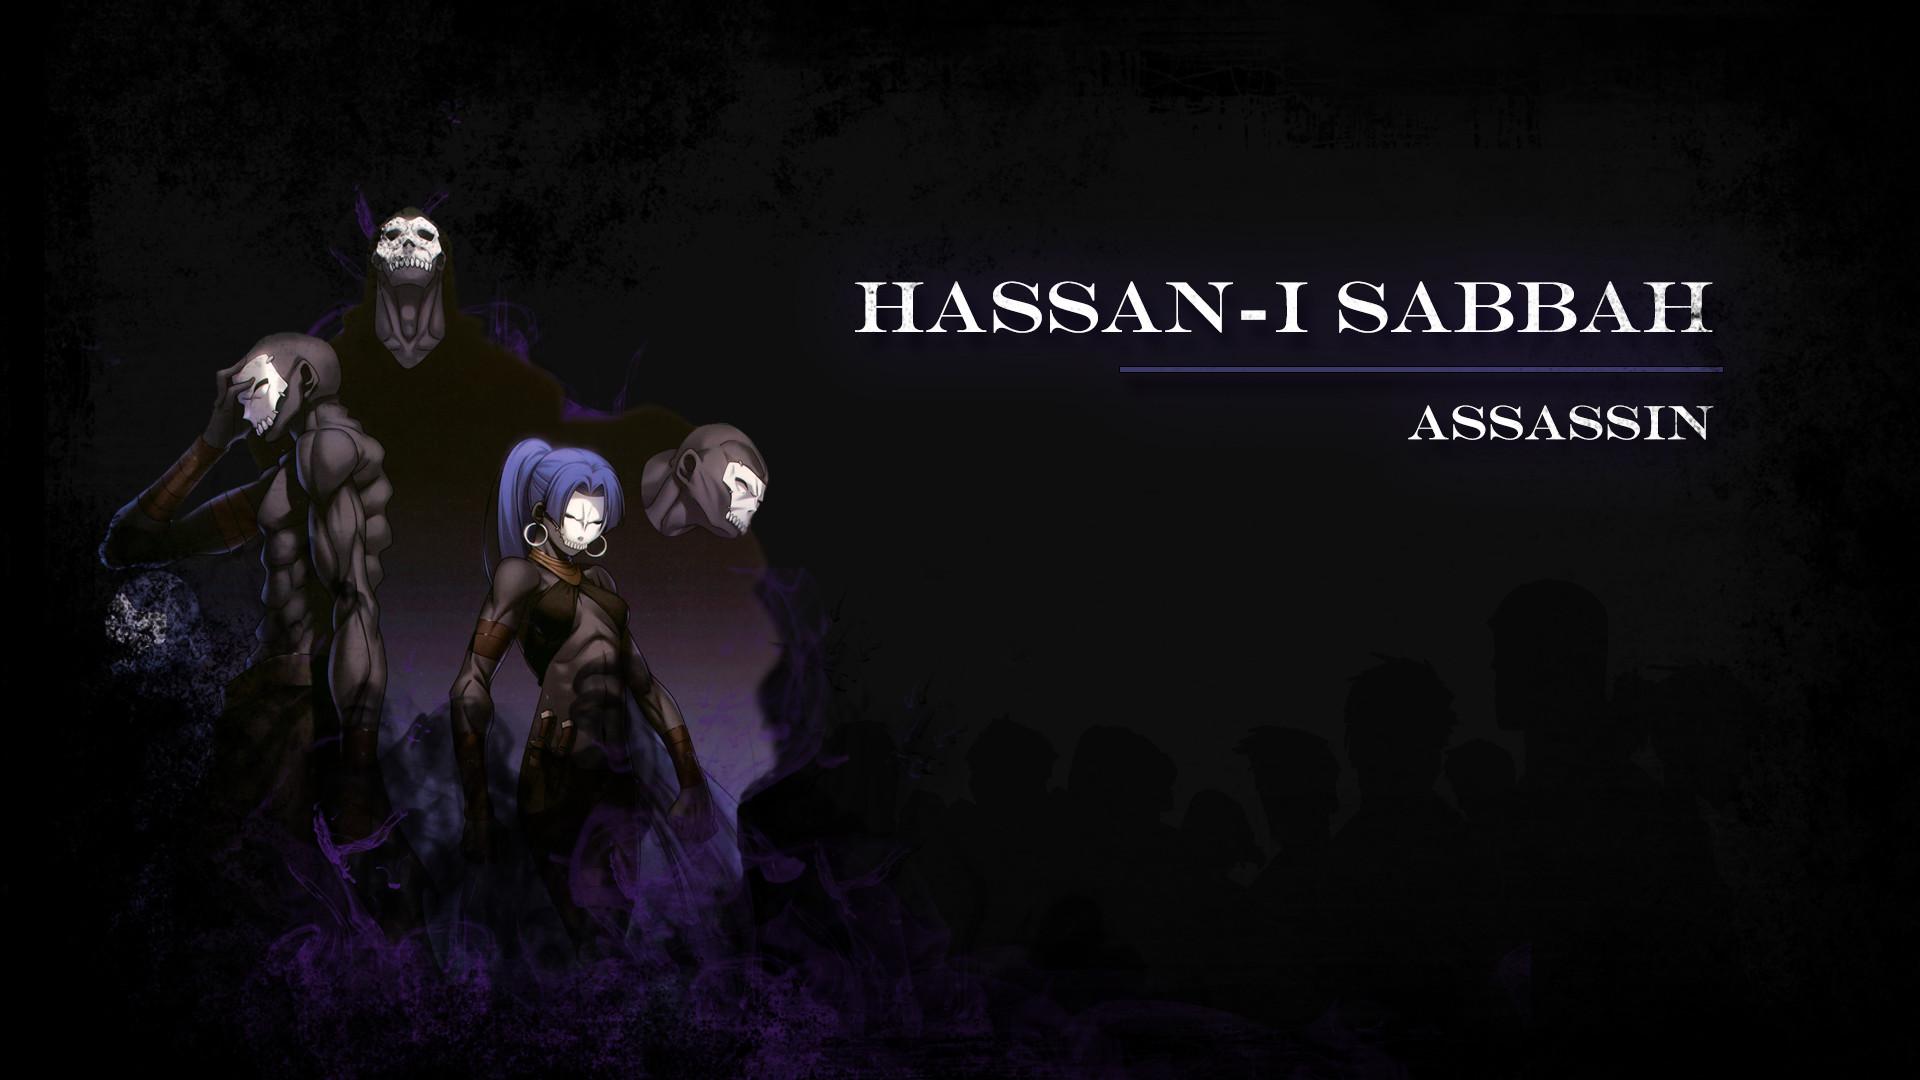 Anime – Fate/Zero Assassin (Fate/Zero) Wallpaper